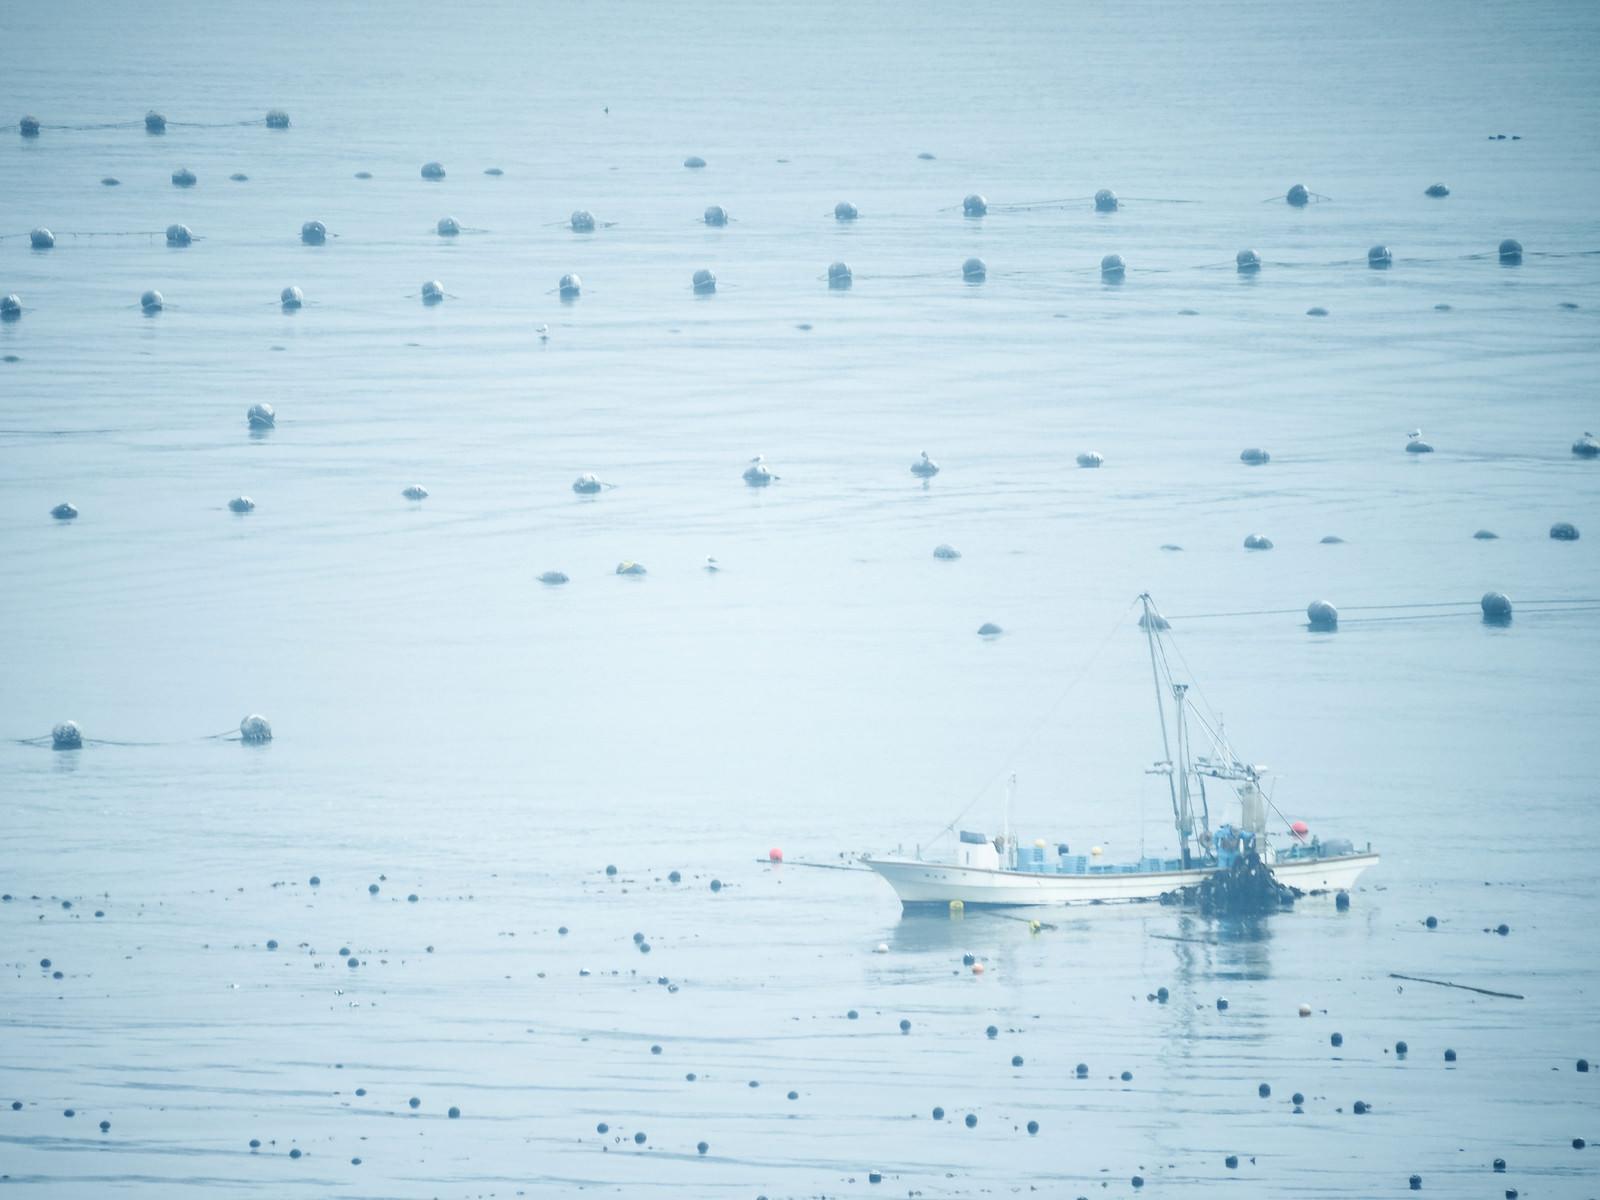 「志津川湾で漁に出る漁船」の写真